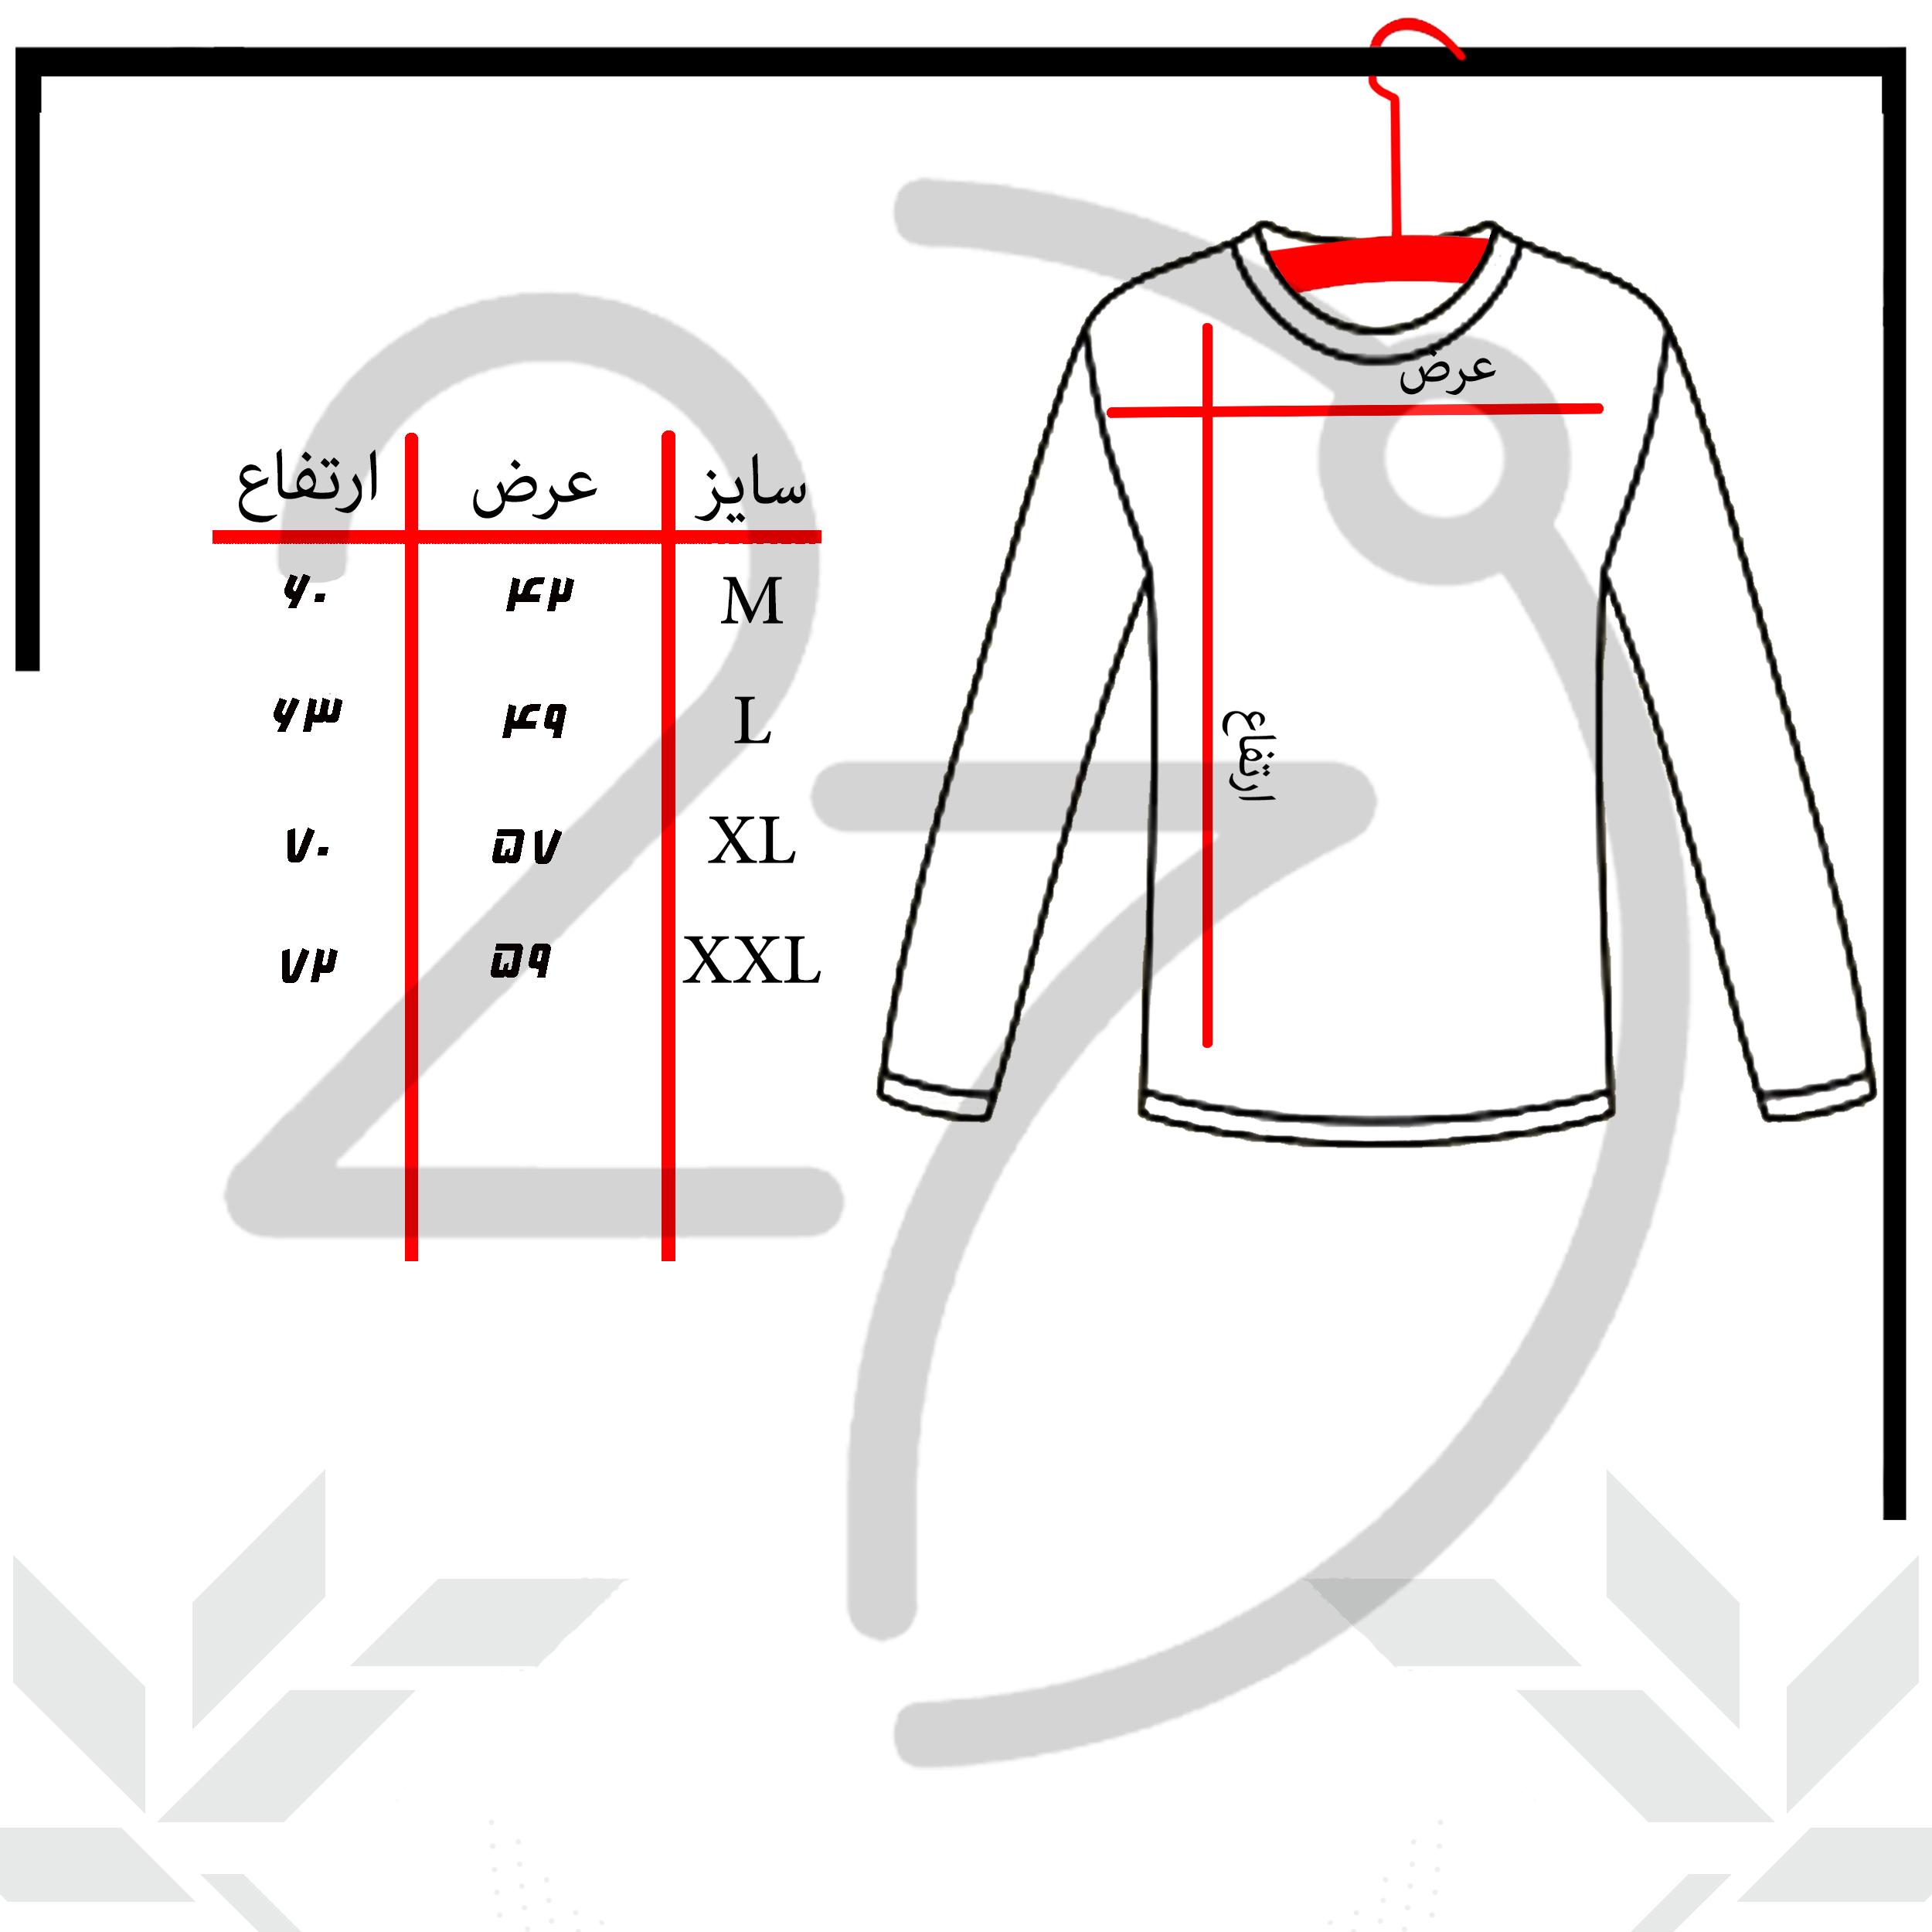 تی شرت آستین بلند زنانه 27 مدل مثلث کد B132